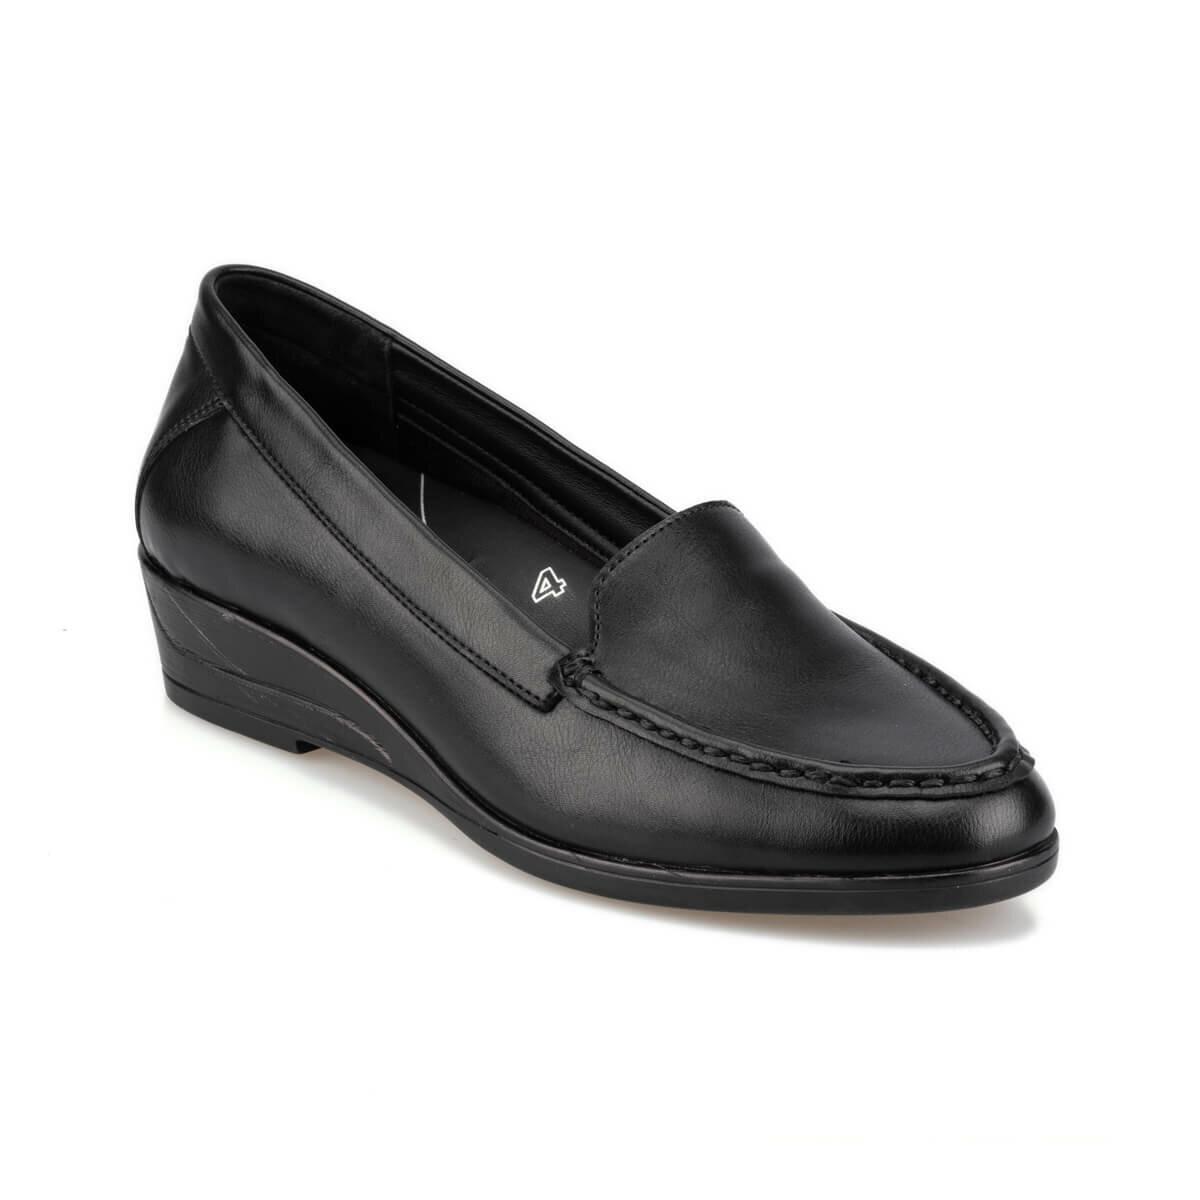 FLO 92.101022.Z Black Women 'S Wedges Shoes Polaris 5 Point